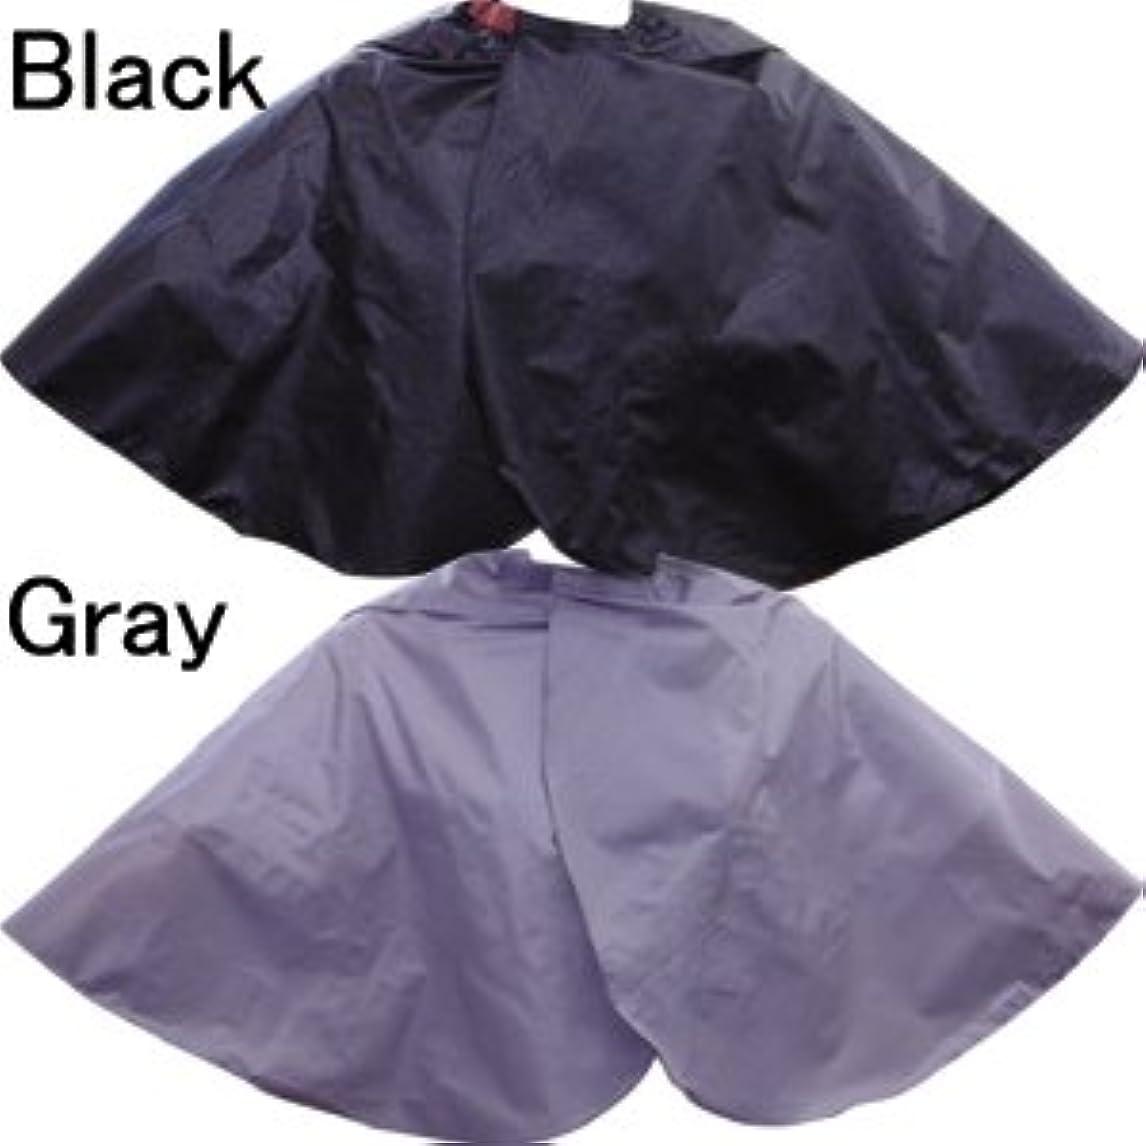 相手ぐるぐる熱Batreetek 散髪ケープ ヘアーエプロン 刈布 自由調節可能 美容サロン 理容 理美容 理发斗篷 ヘアドレッシング 160x145cm (黑)